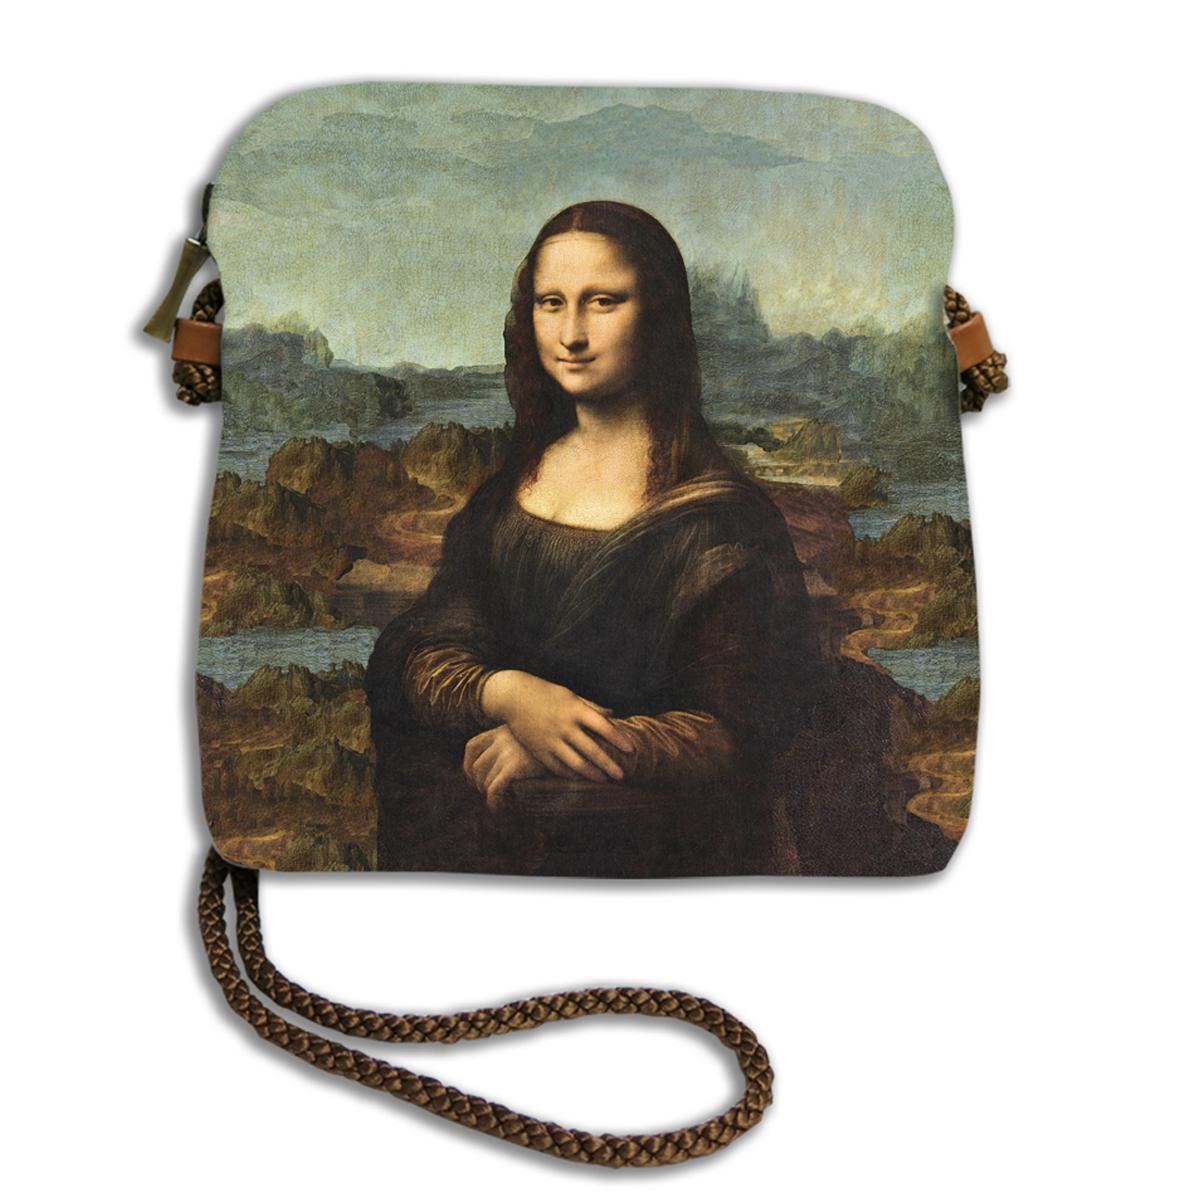 Sac bandoulière artisanal \'Léonard de Vinci\' (le Joconde)  - 18x17 cm - [Q6662]